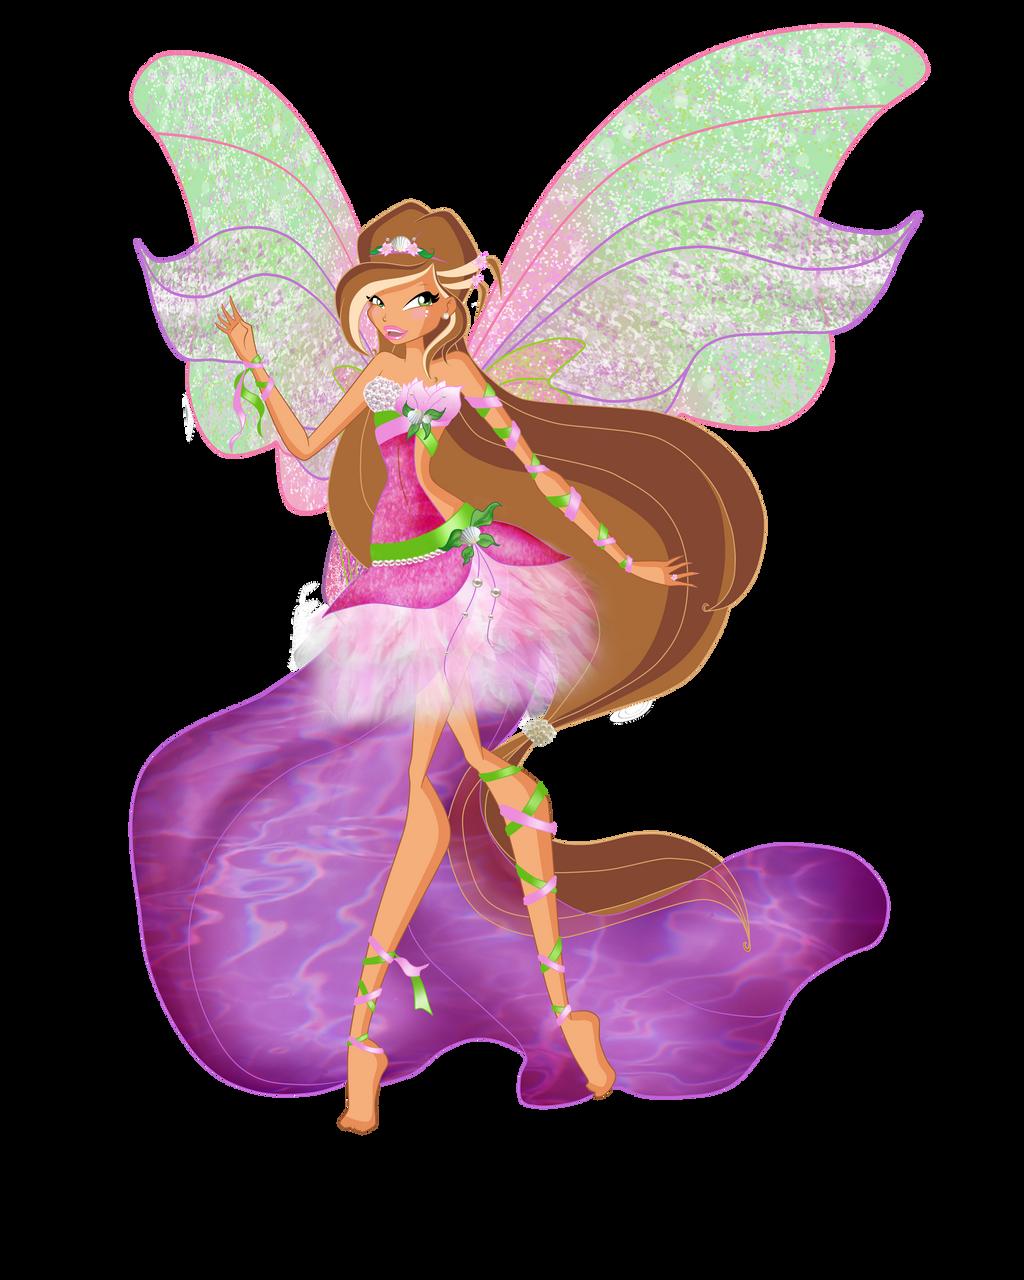 Der spontane Karnevals-Kostüm-Contest Flora_sirenix___my_vision___by_costantstyle-d4q4ee6